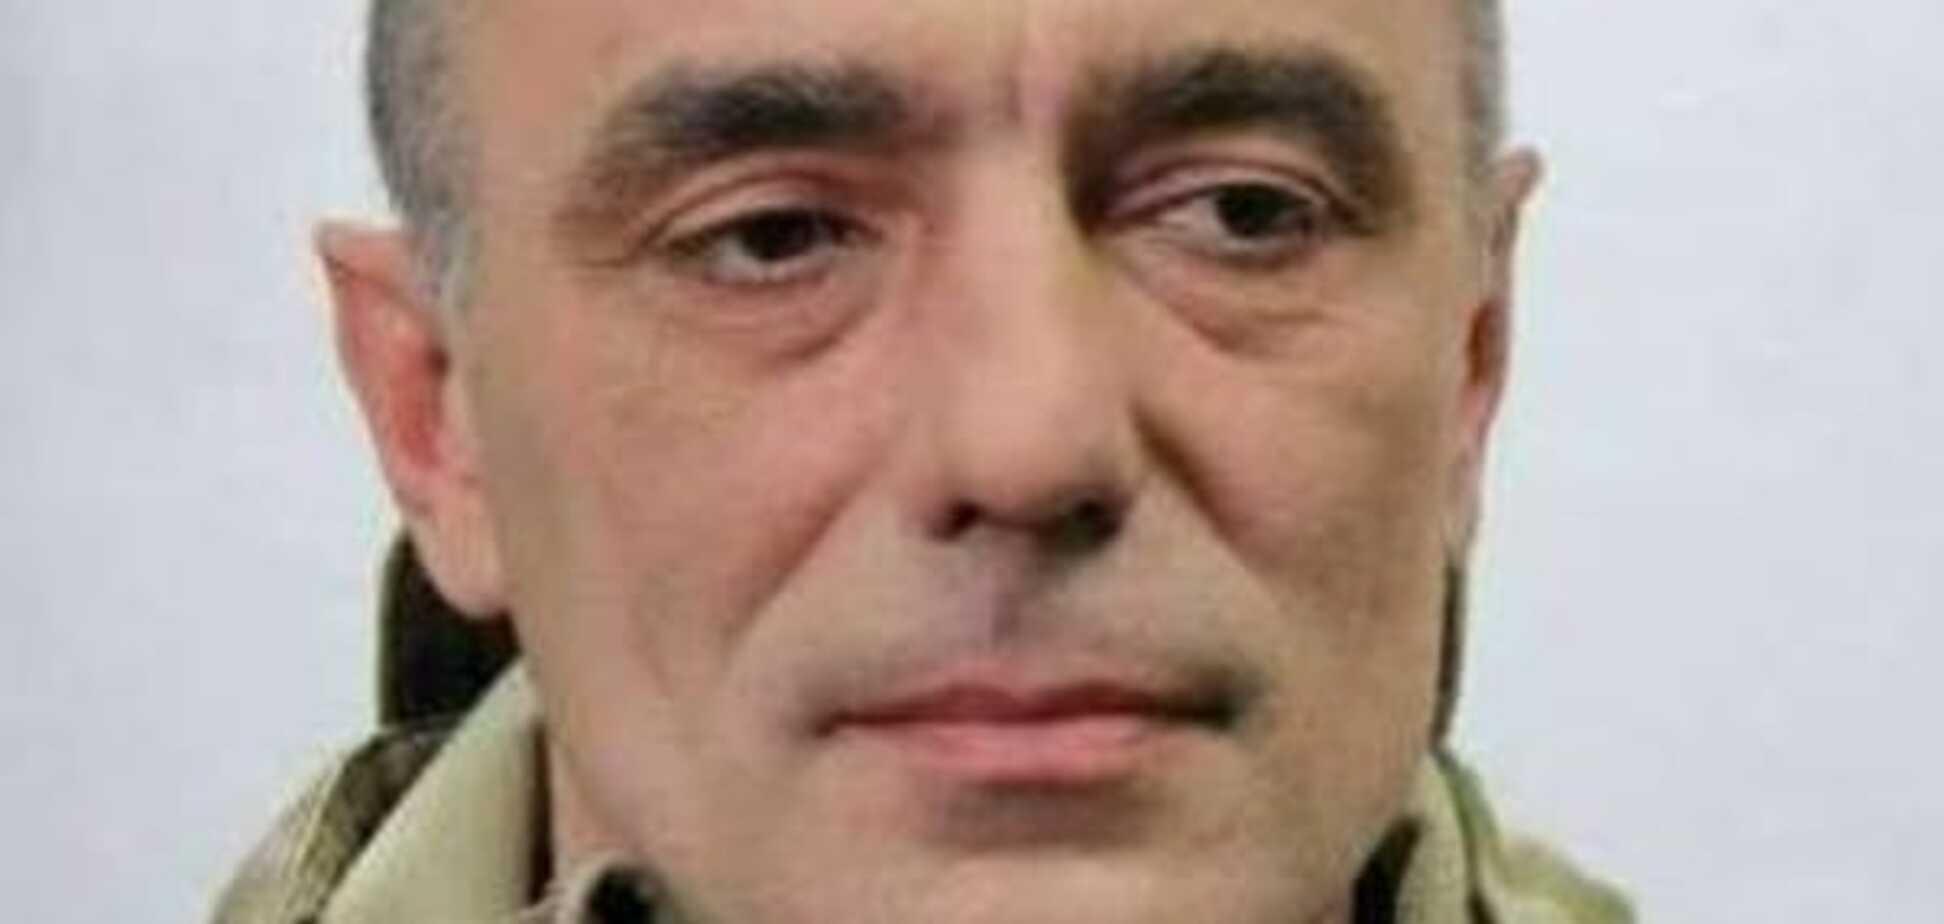 За вбивством волонтера стоять впливові офіцери ЗСУ - Касьянов